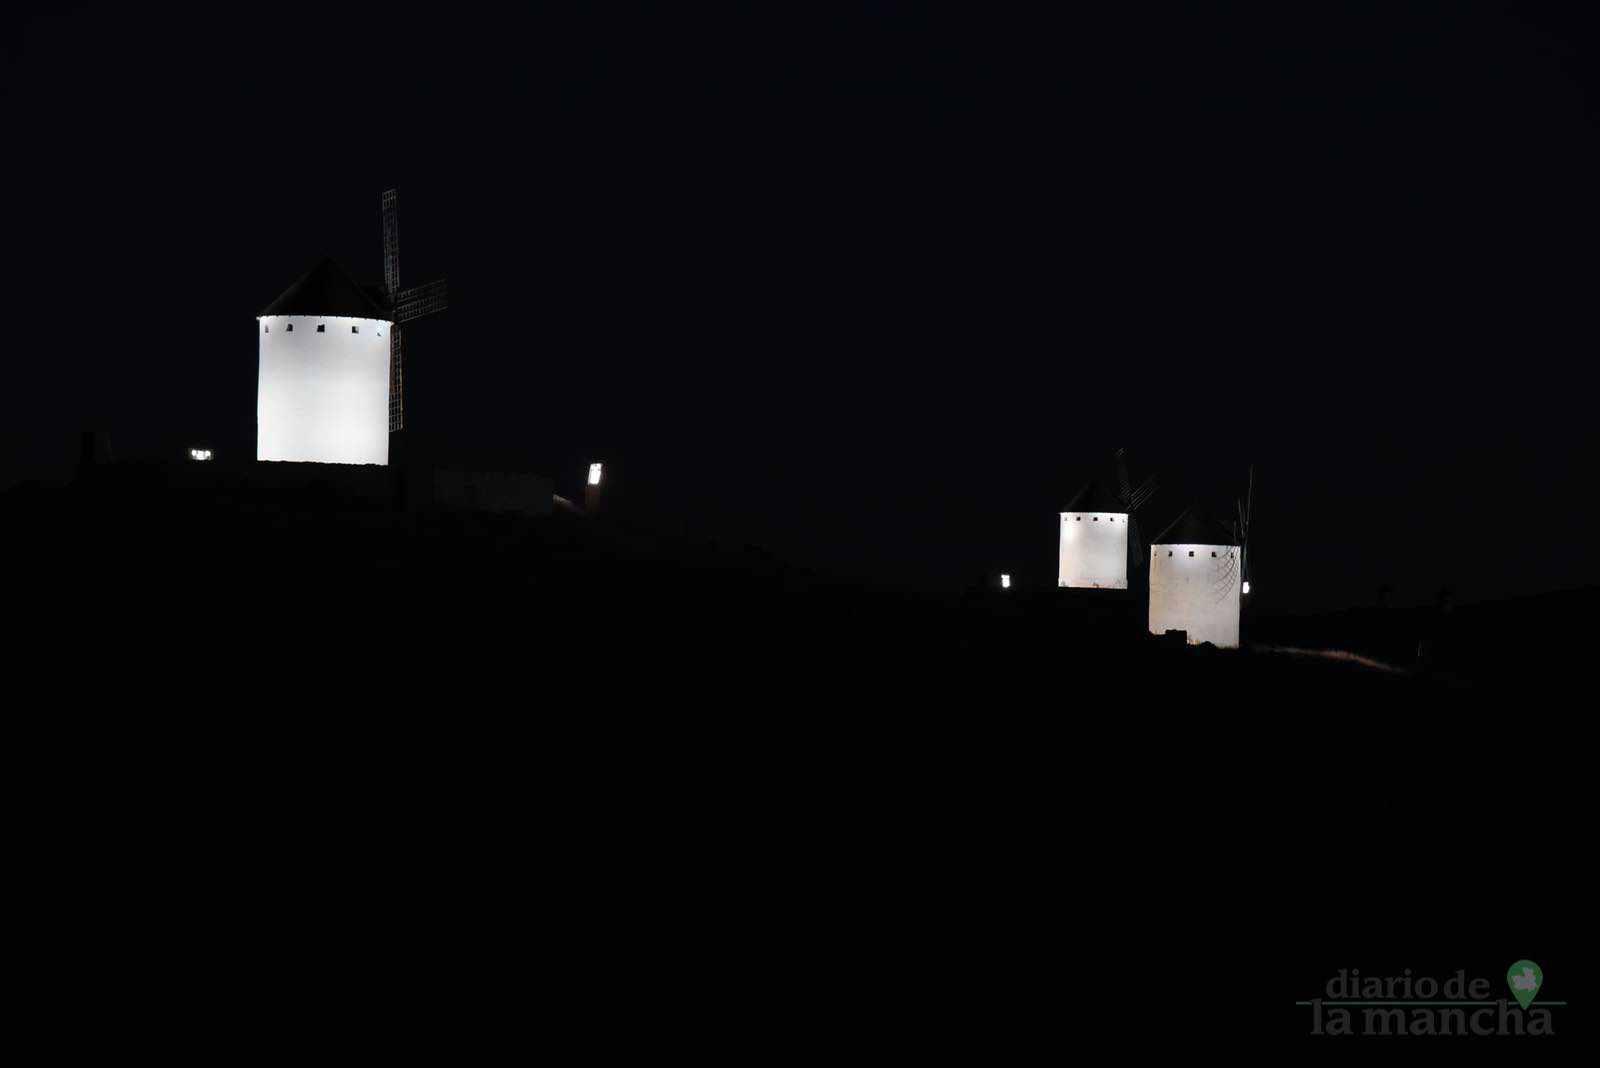 Herencia vuelve a inaugurar con una nueva iluminación artística sus molinos de viento 38